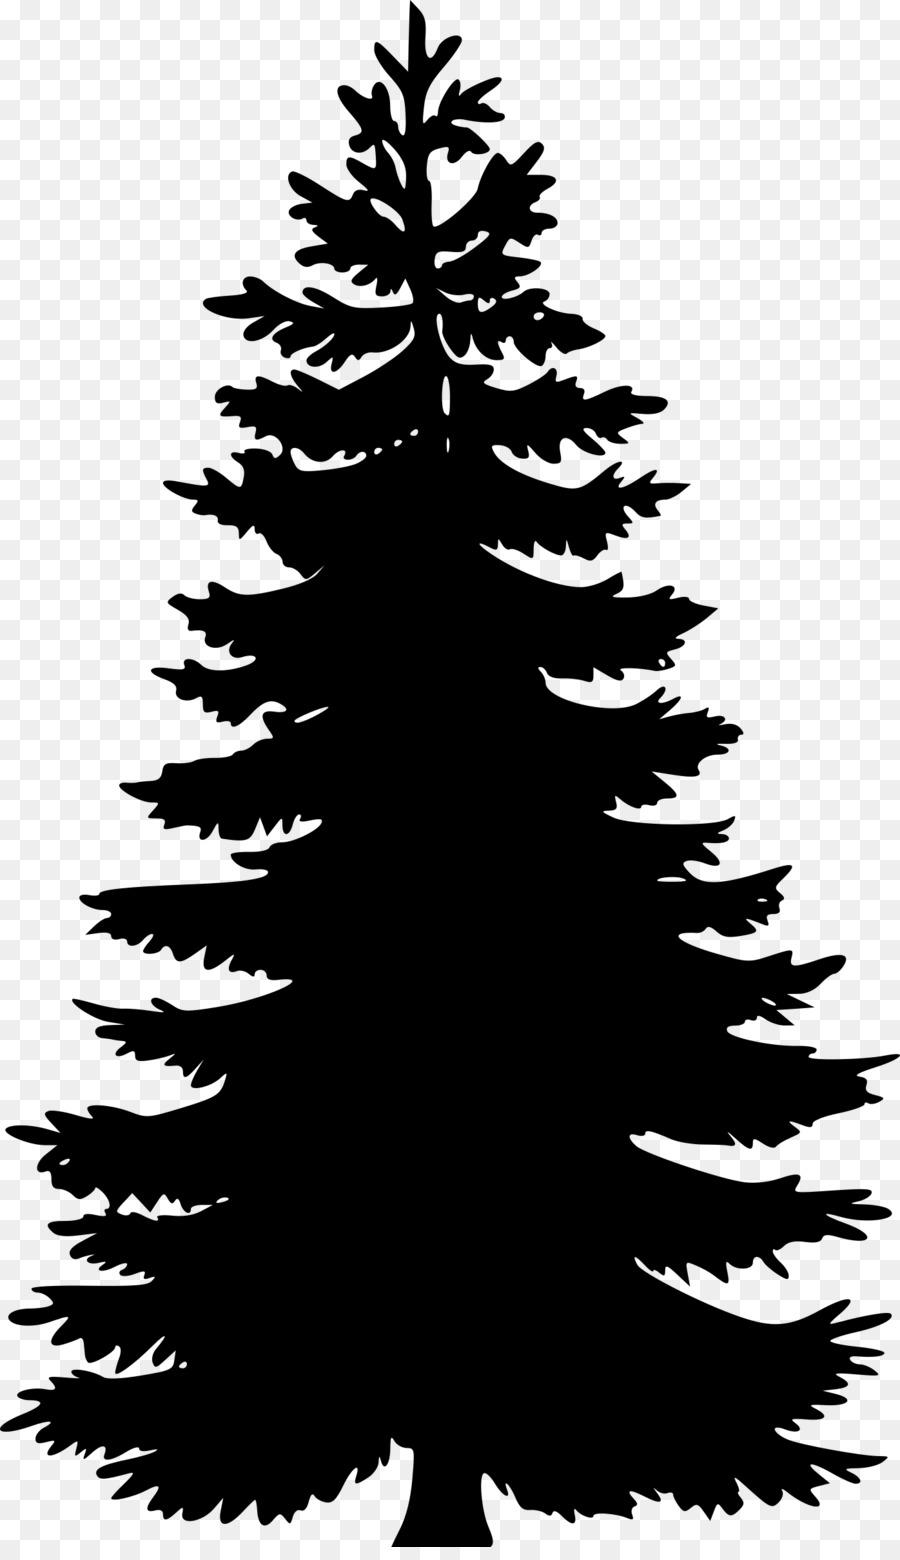 900x1560 Pine Tree Fir Silhouette Clip Art